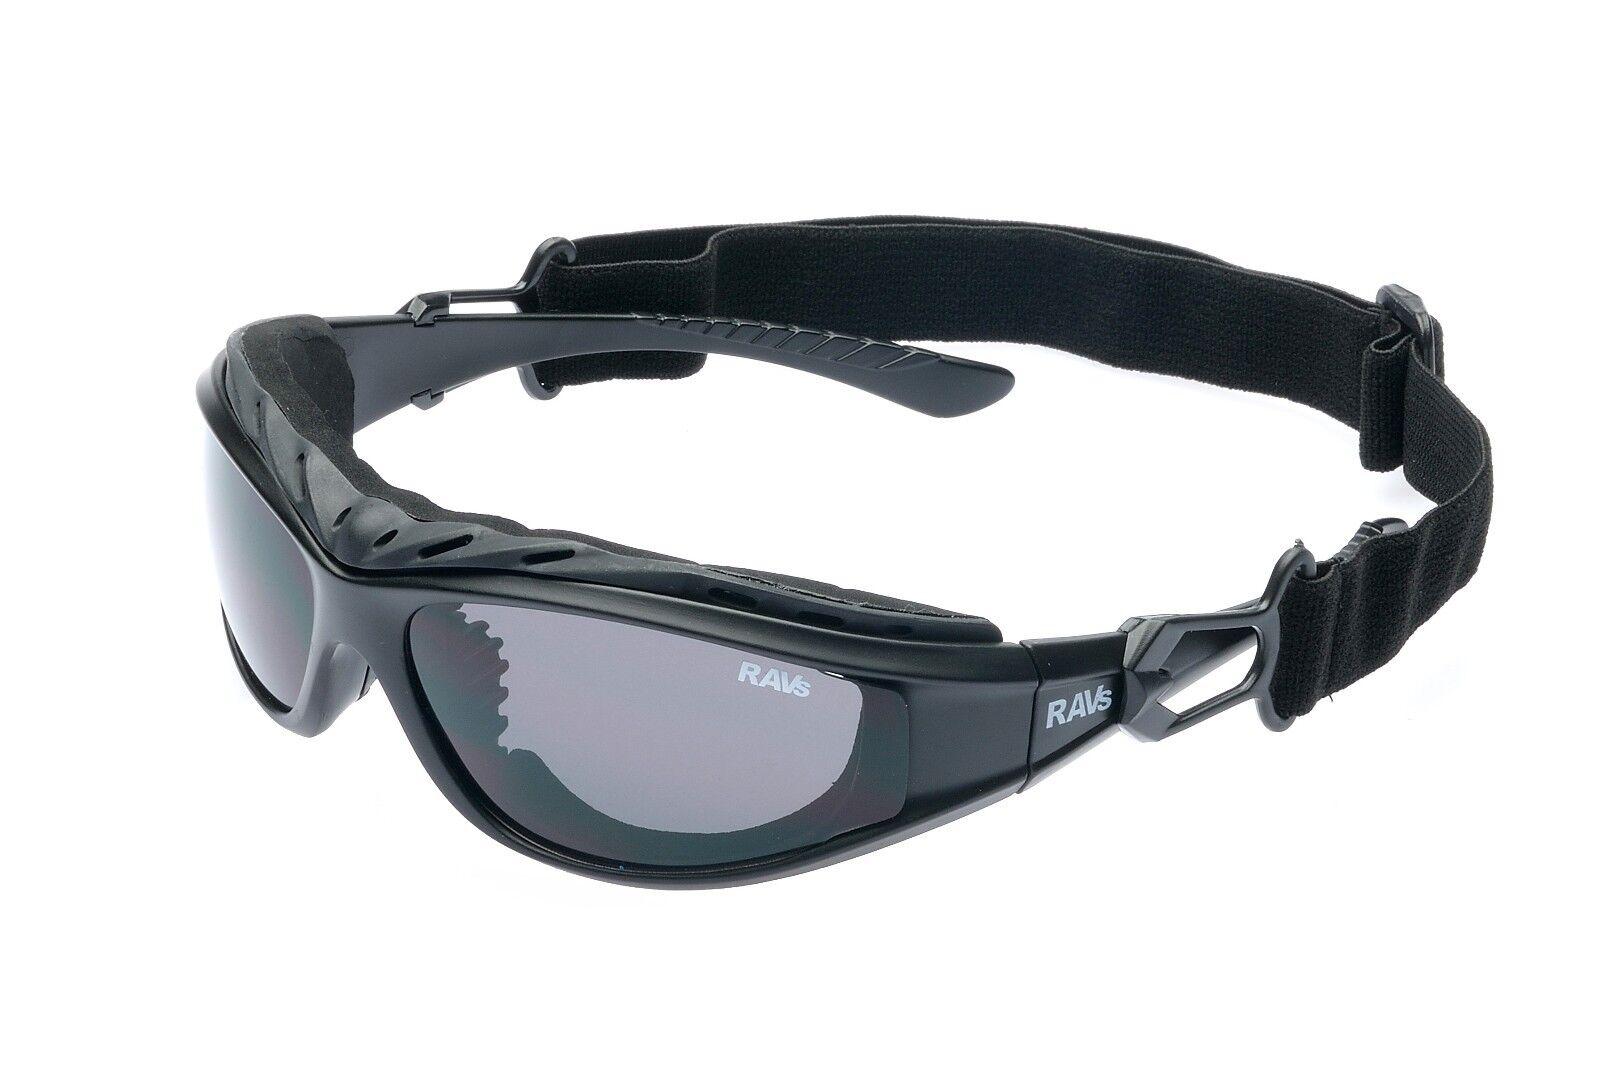 Bekleidung DEVOCEAN by Jobe Wassersport Brille Sonnenbrille Kiten Surfen Segel white